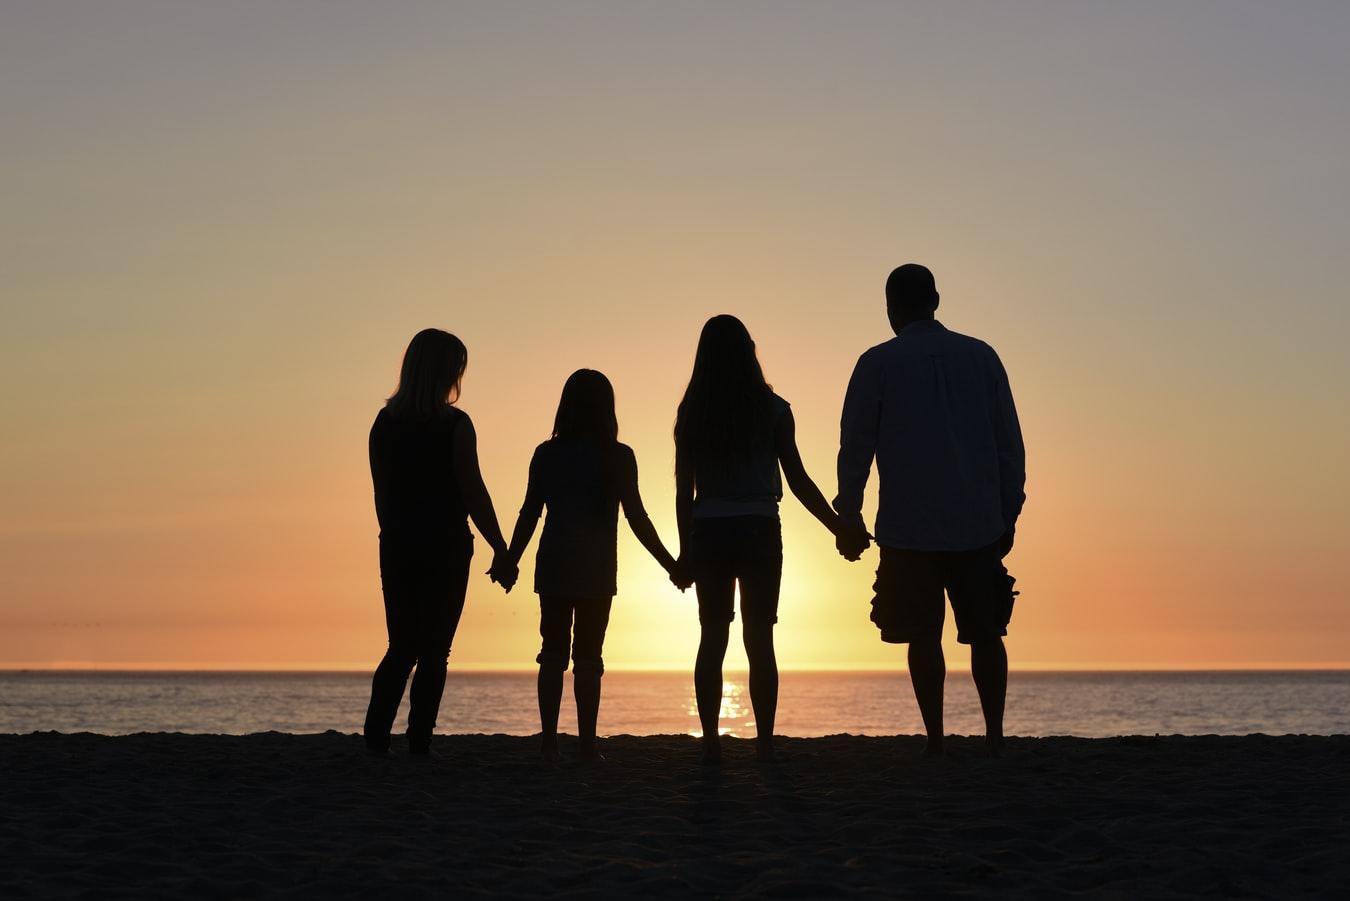 Πόσο εύκολος ή δύσκολος είναι ο απογαλακτισμος από τους γονείς; Μια μελέτη περίπτωσης